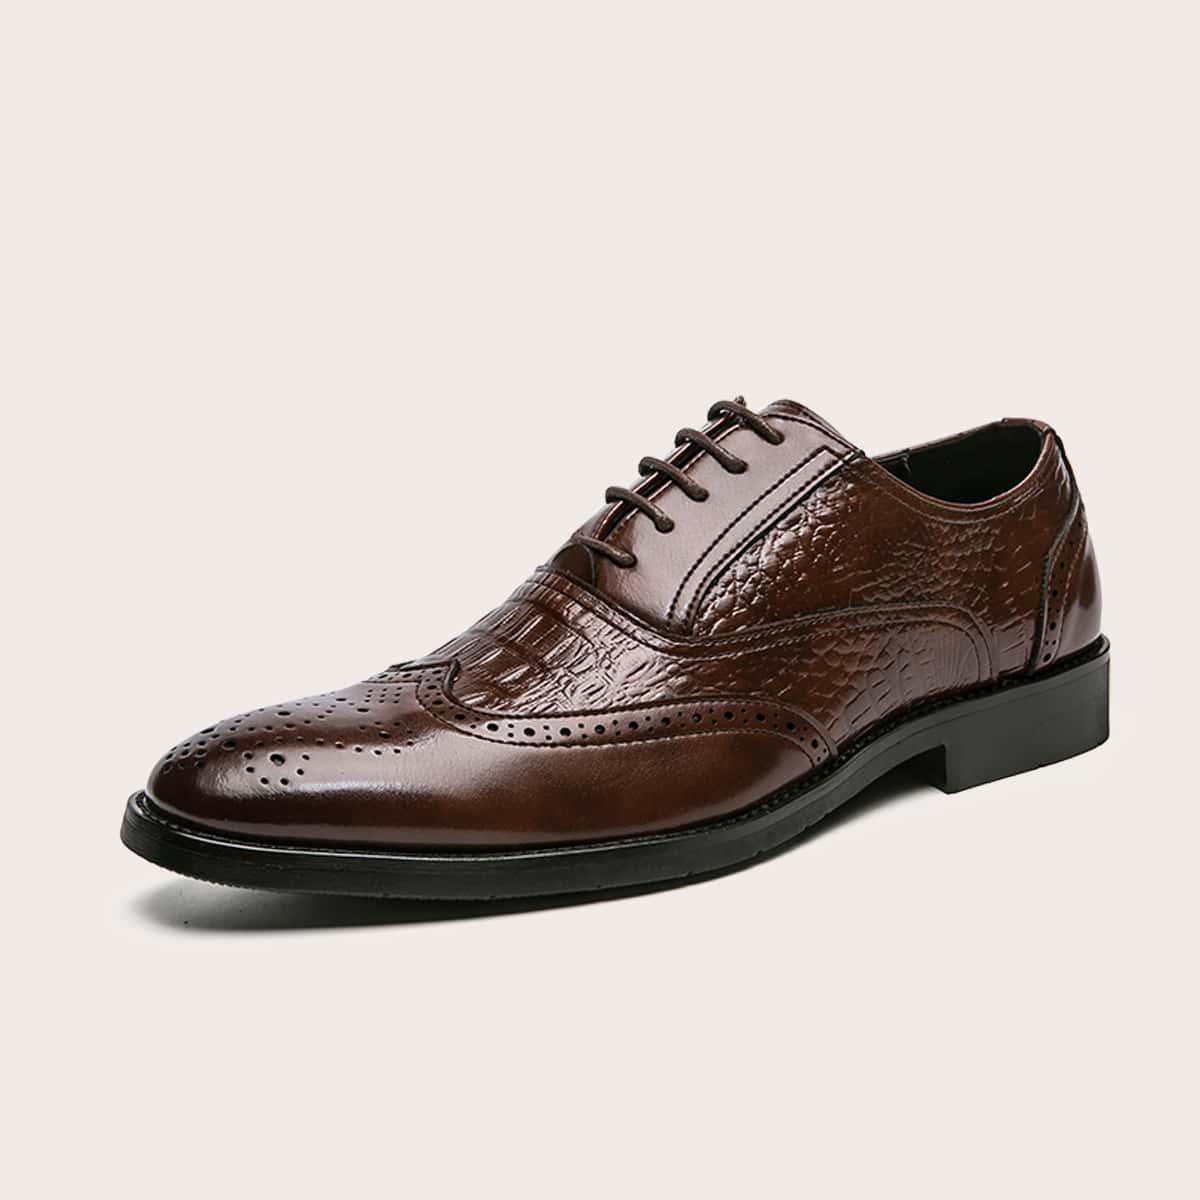 Мужские минималистичные броги на шнурке